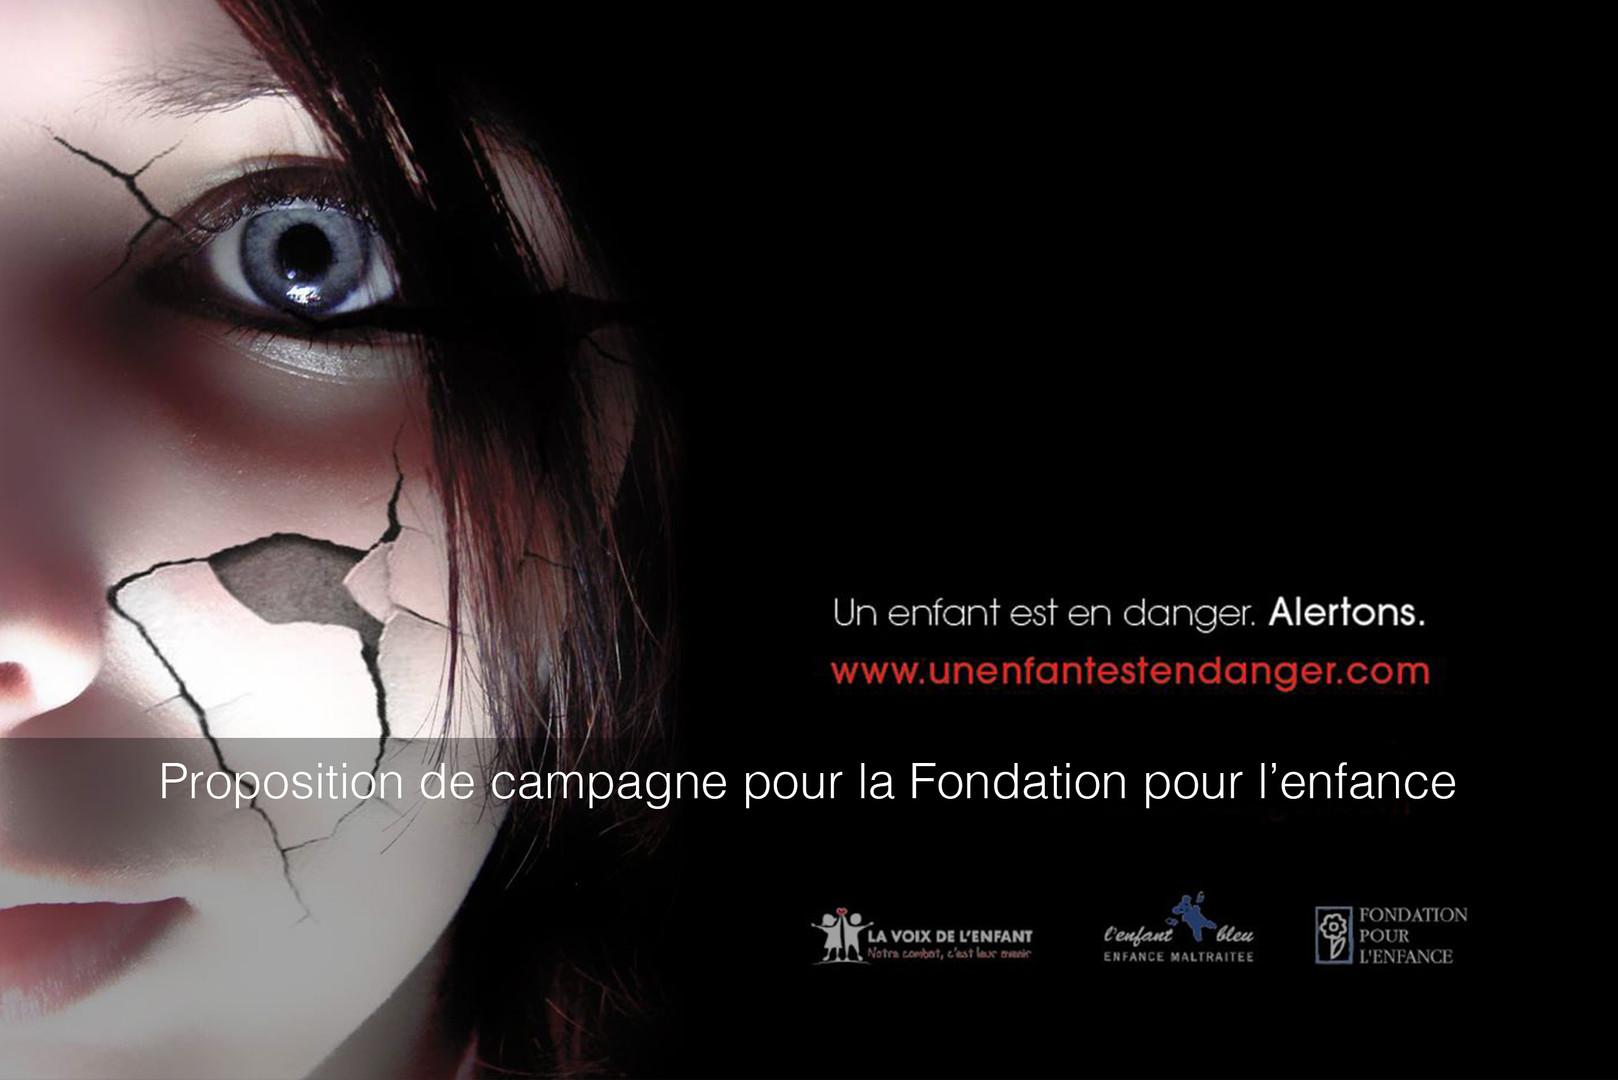 Campagne publicitaire pour la Fondation